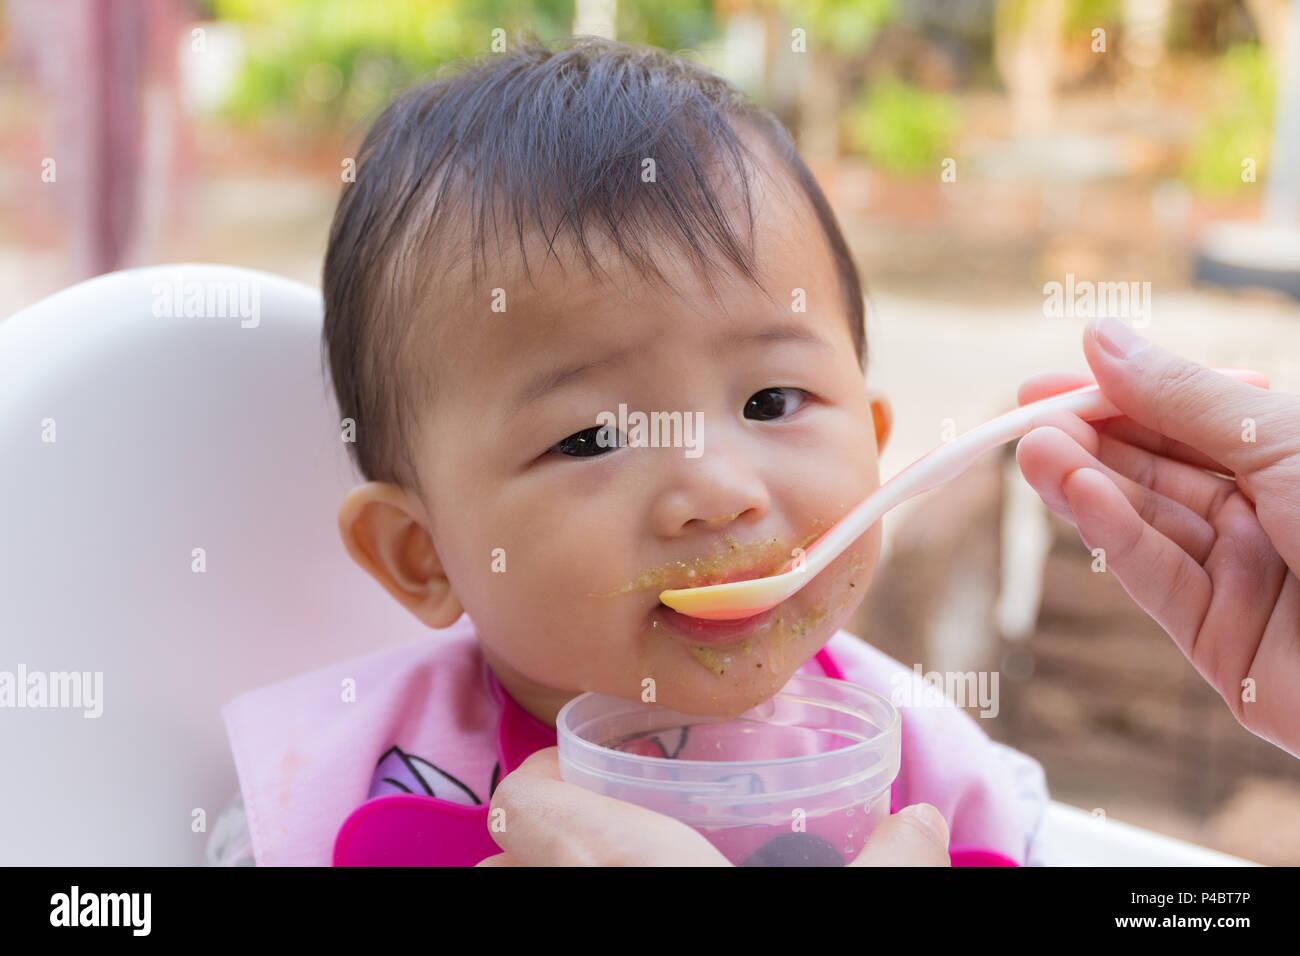 Koreansk familie at spise Stock fotos koreansk familie at spise Stock billeder - Alamy-6315